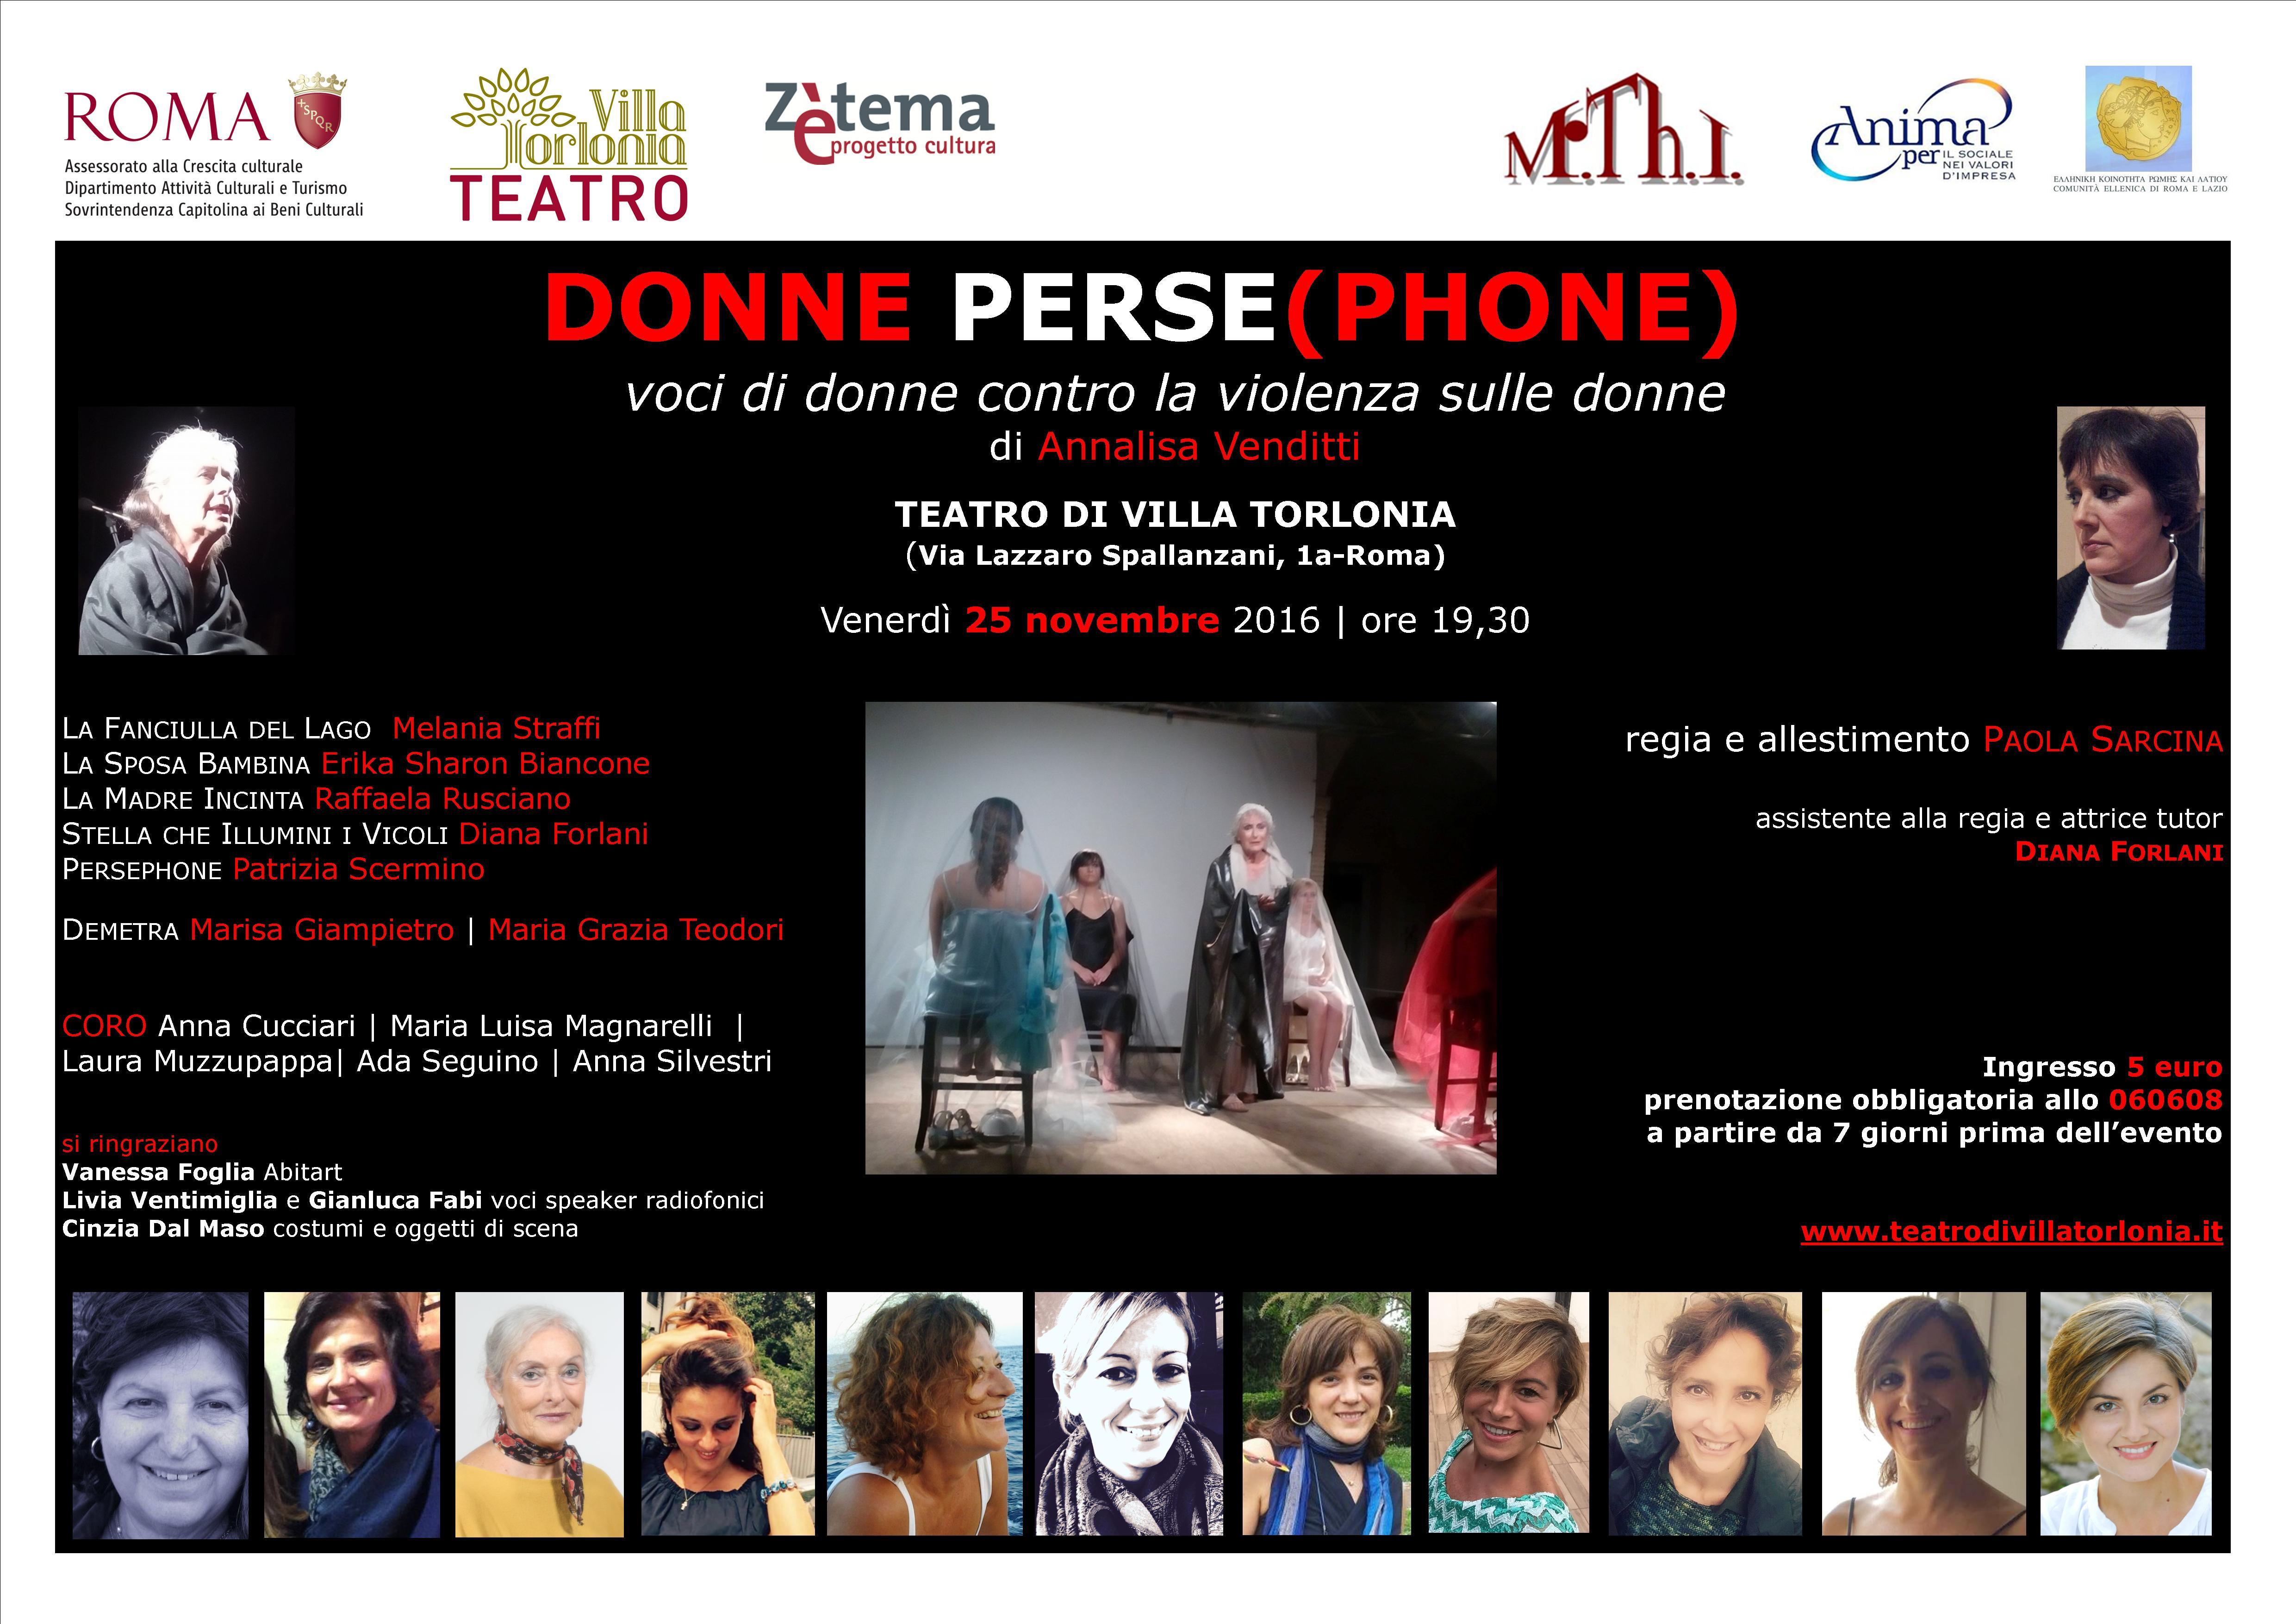 """""""Donne Perse(Phone): Voci di donne contro la violenza sulle donne"""" di Annalisa Venditti Teatro di Villa Torlonia - Venerdì 25 novembre 2016 - ore 19,30 - Via Lazzaro Spallanzani, 1a-Roma"""